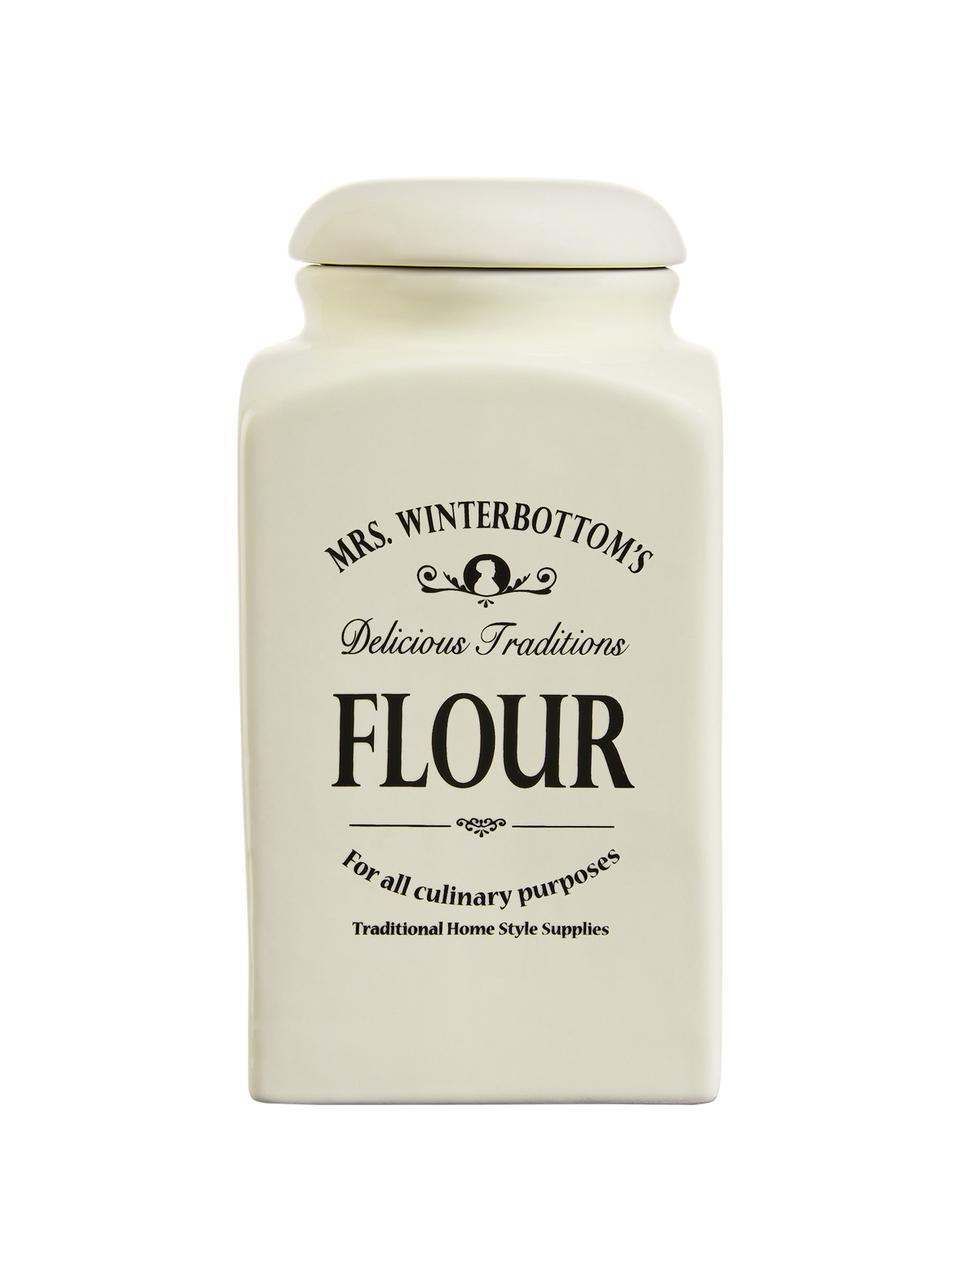 Aufbewahrungsdose Mrs Winterbottoms Flour, Ø 11 x H 21 cm, Steingut, Creme, Schwarz, Ø 11 x H 21 cm